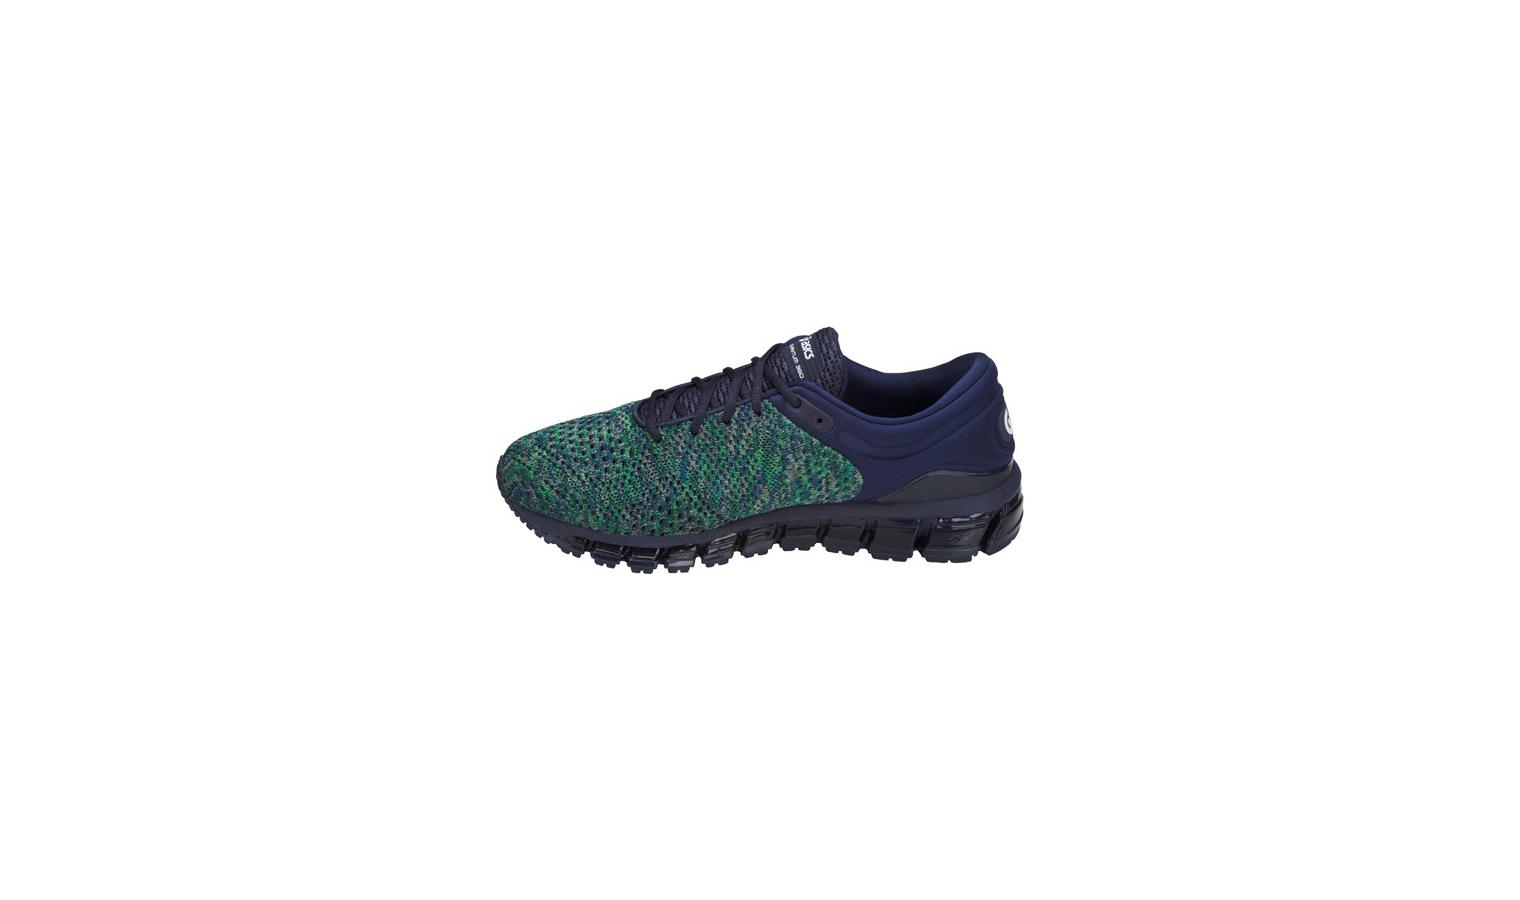 31b8e7556196e Pánské běžecké boty Asics GEL-QUANTUM 360 KNIT 2 zelené | AD Sport.cz